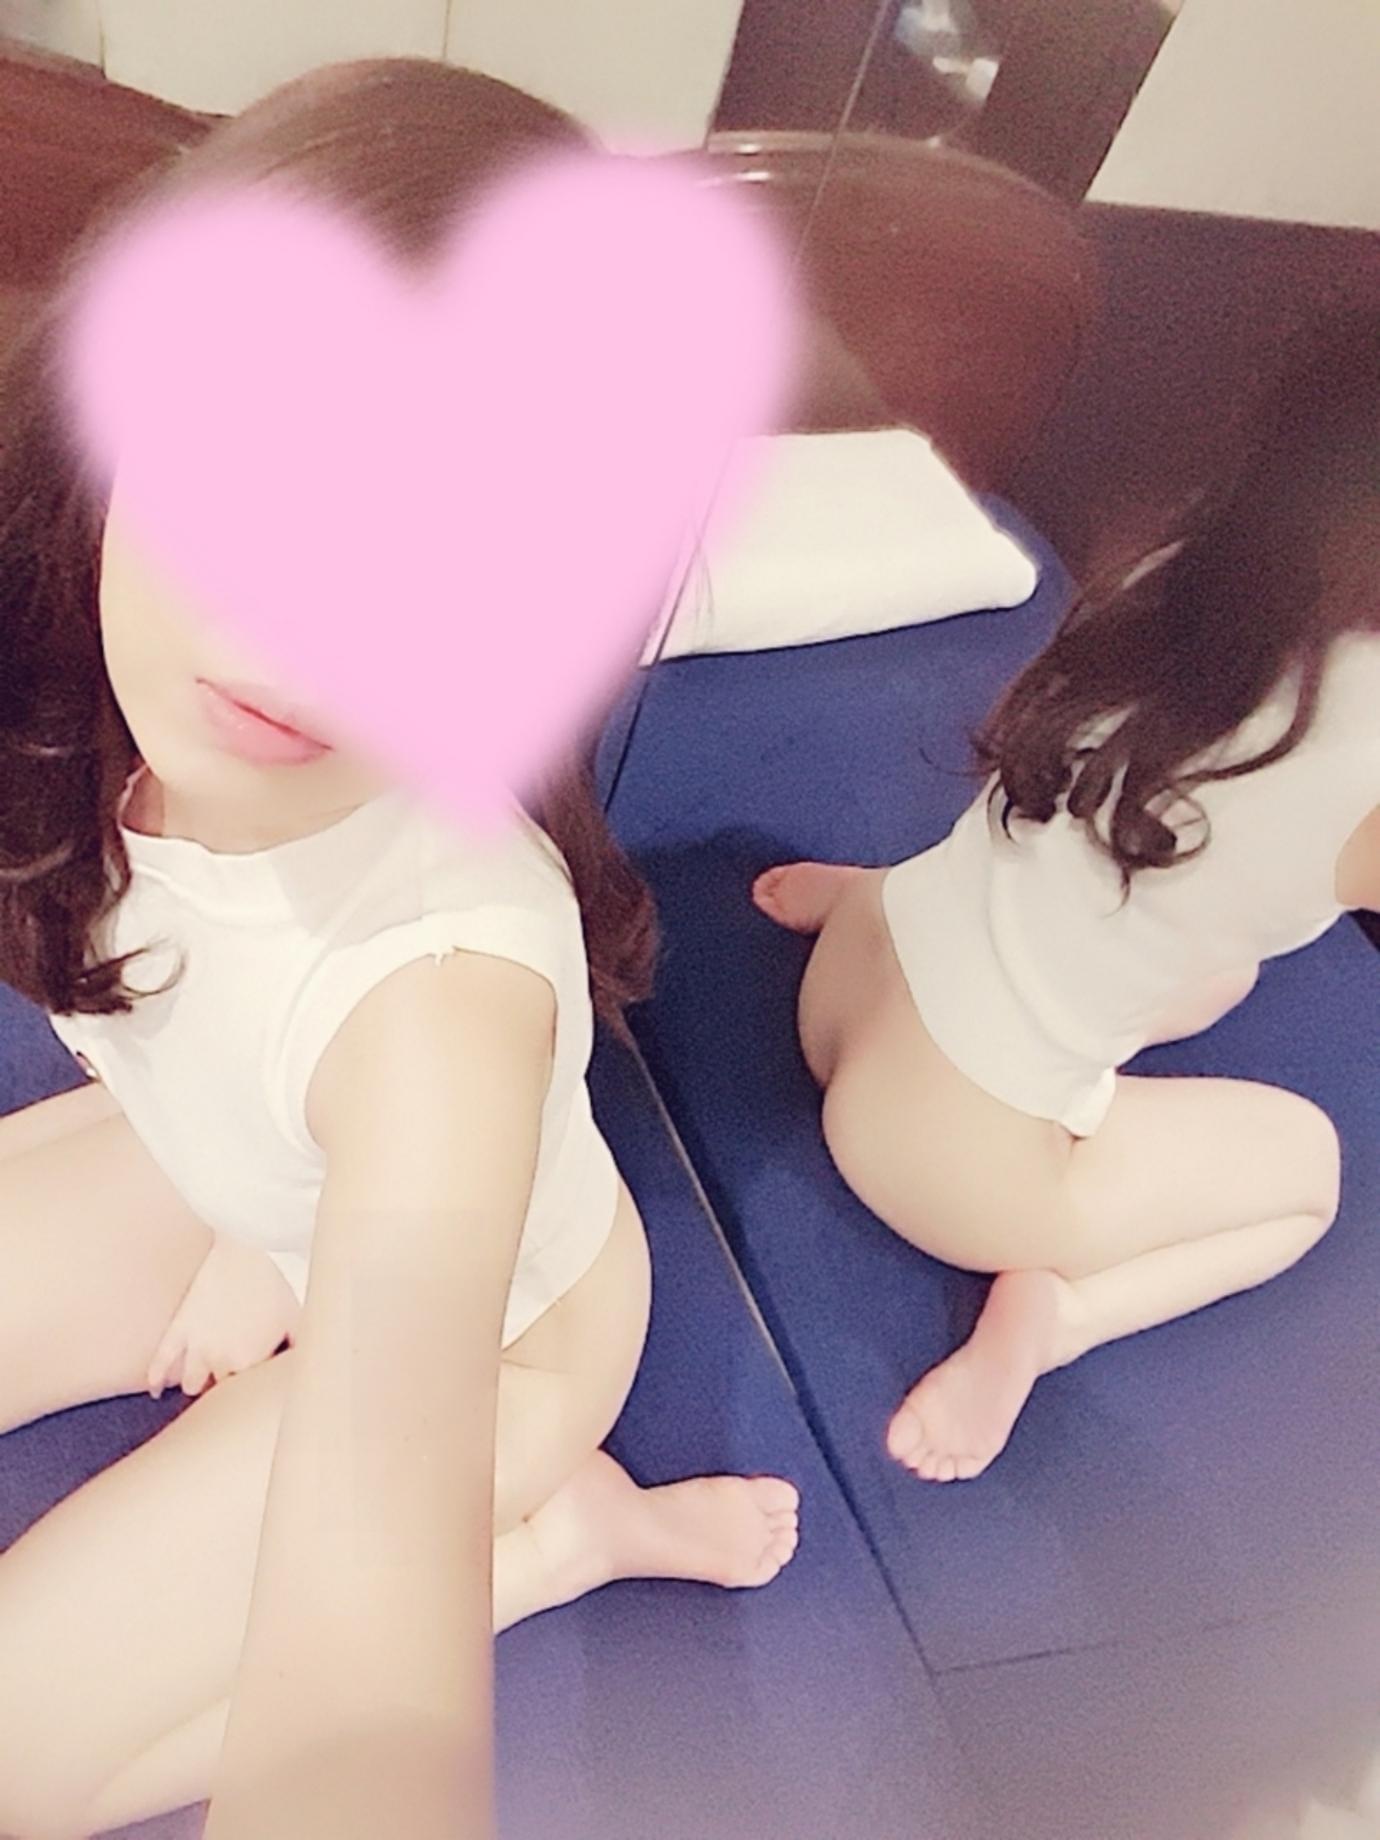 「おはよ?」11/14(11/14) 07:44 | 市原 アンの写メ・風俗動画